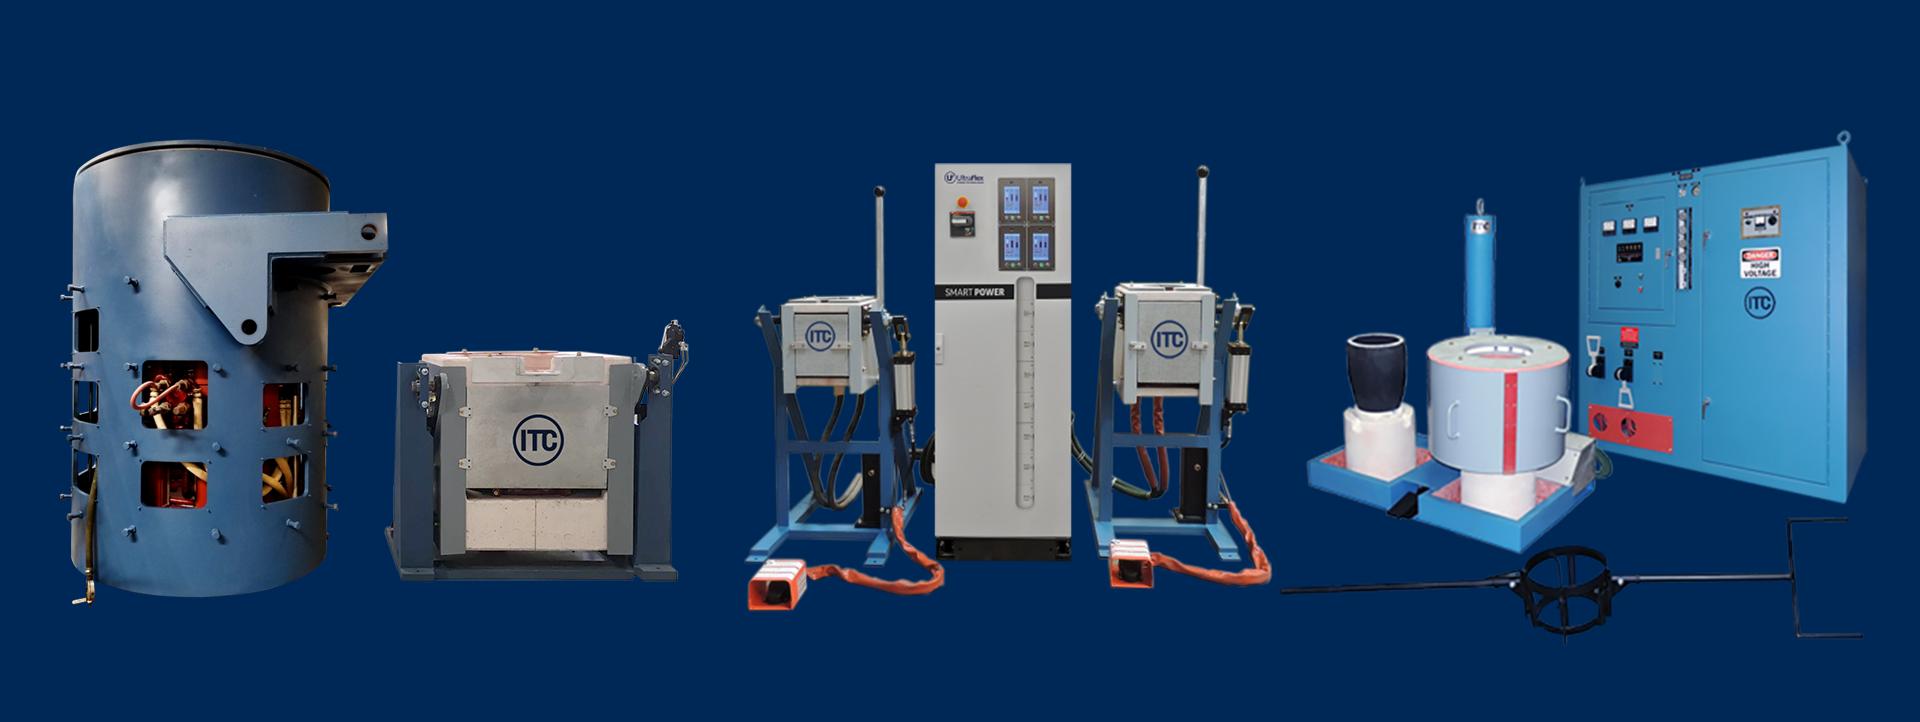 induction melting equipment image